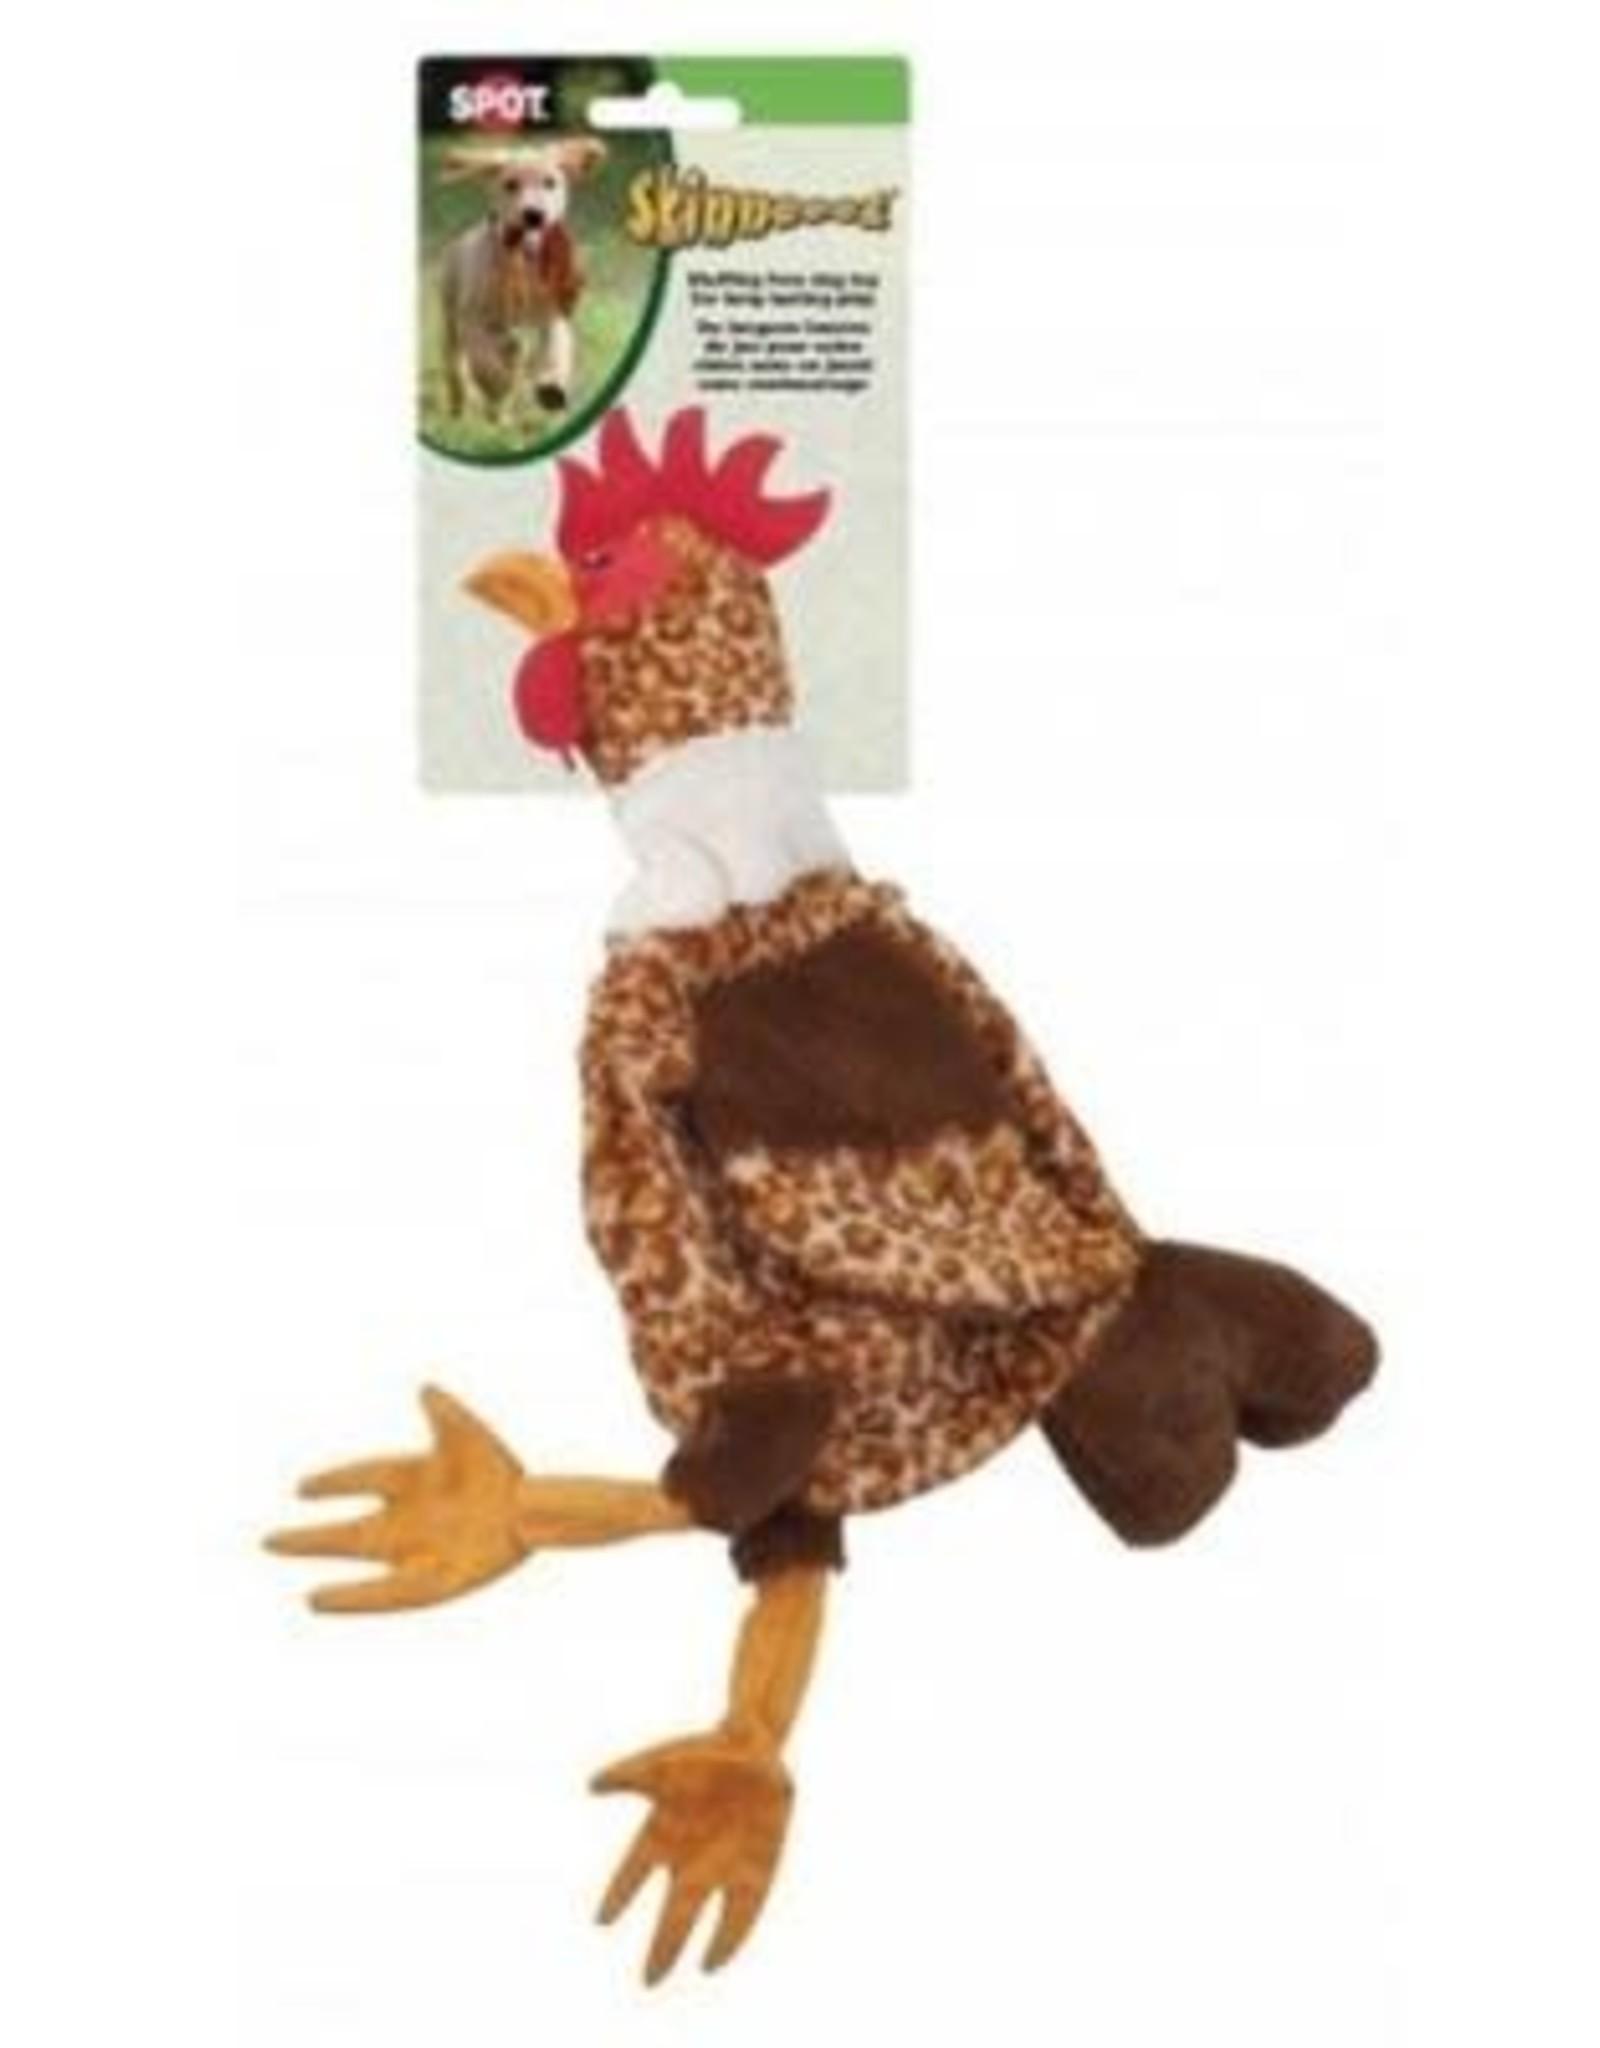 Spot Skinneeez Chicken